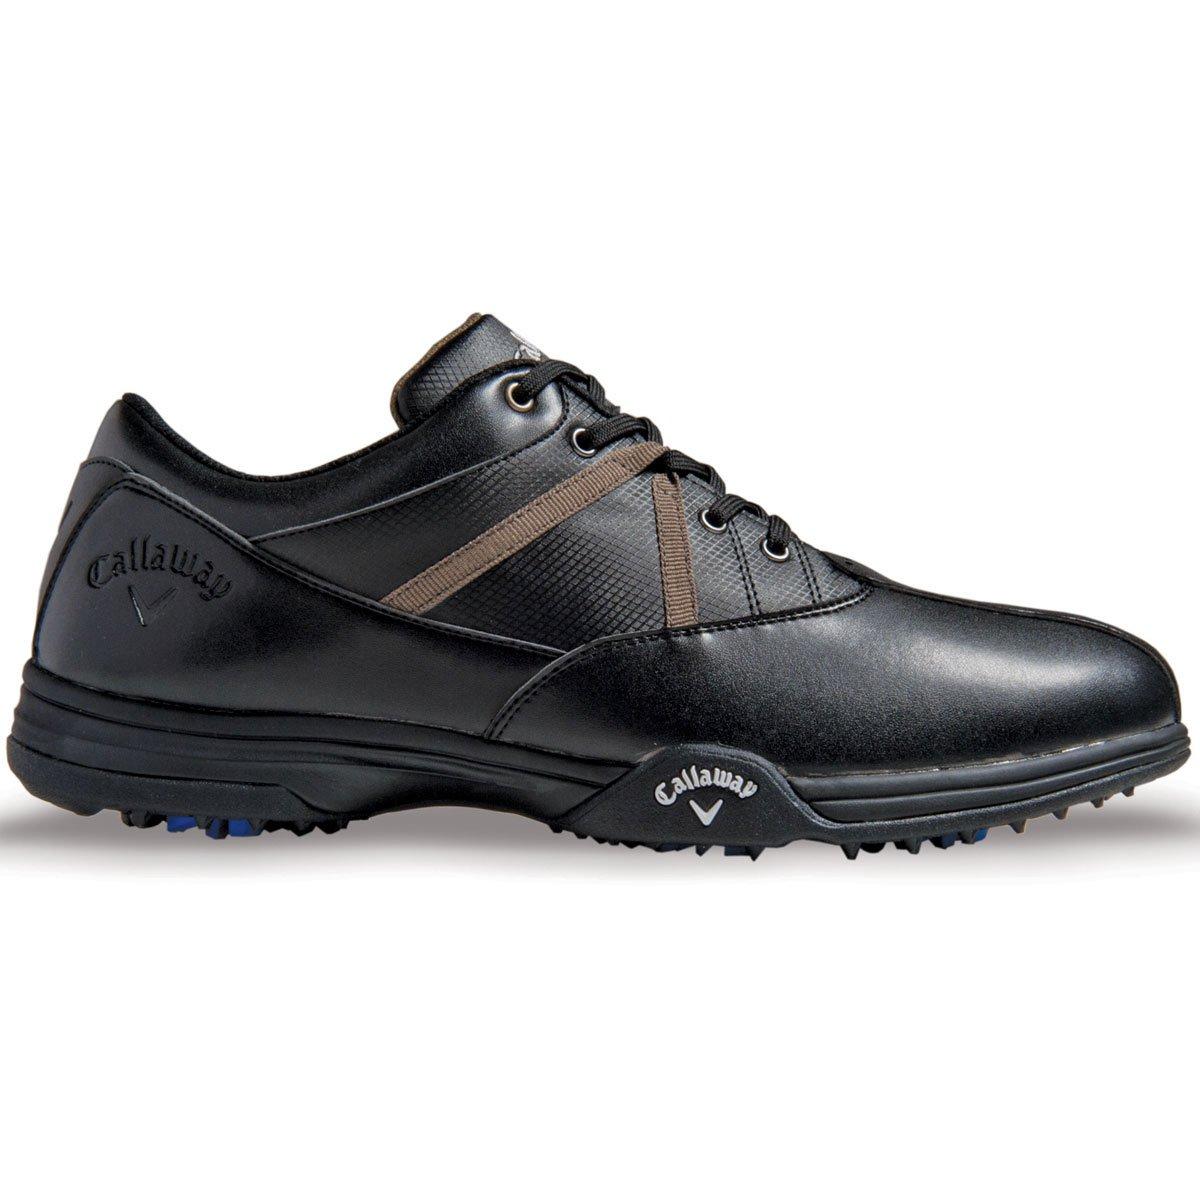 Stuburt Mens Helium Tour Event Shoes Mens Black 10 Regular Fit Mens Black 10 Regular Fit Zapatos fucsia formales Viking infantiles 1fBwBh